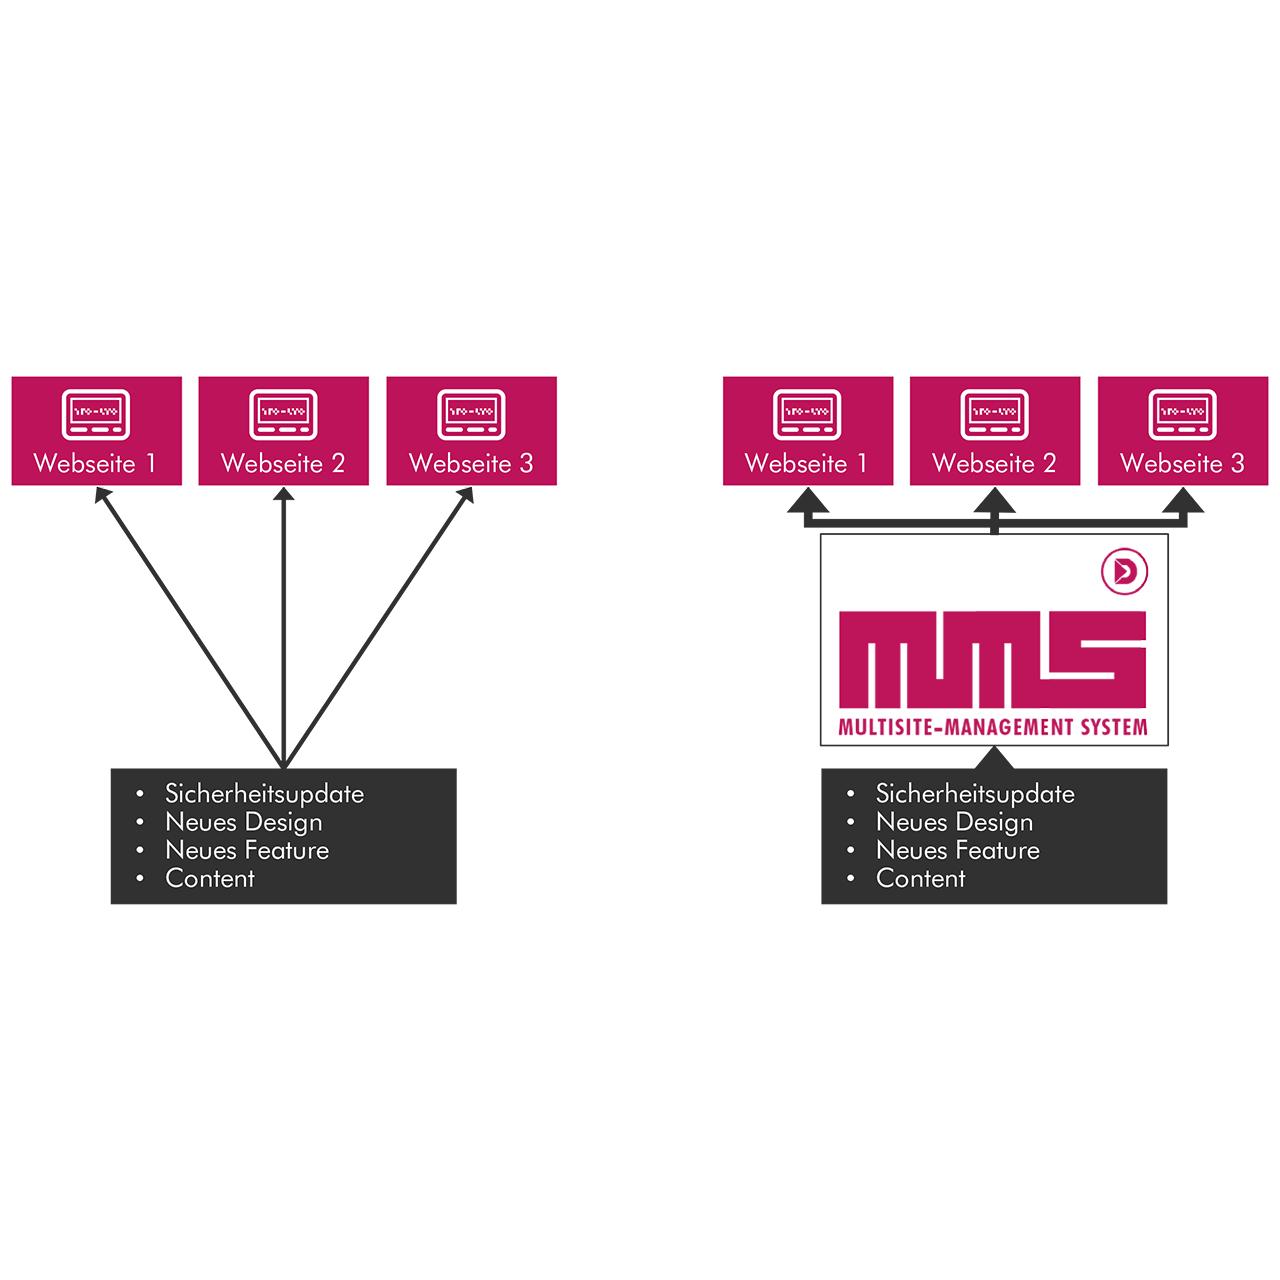 Vergleich des MMS mit üblichen CMS